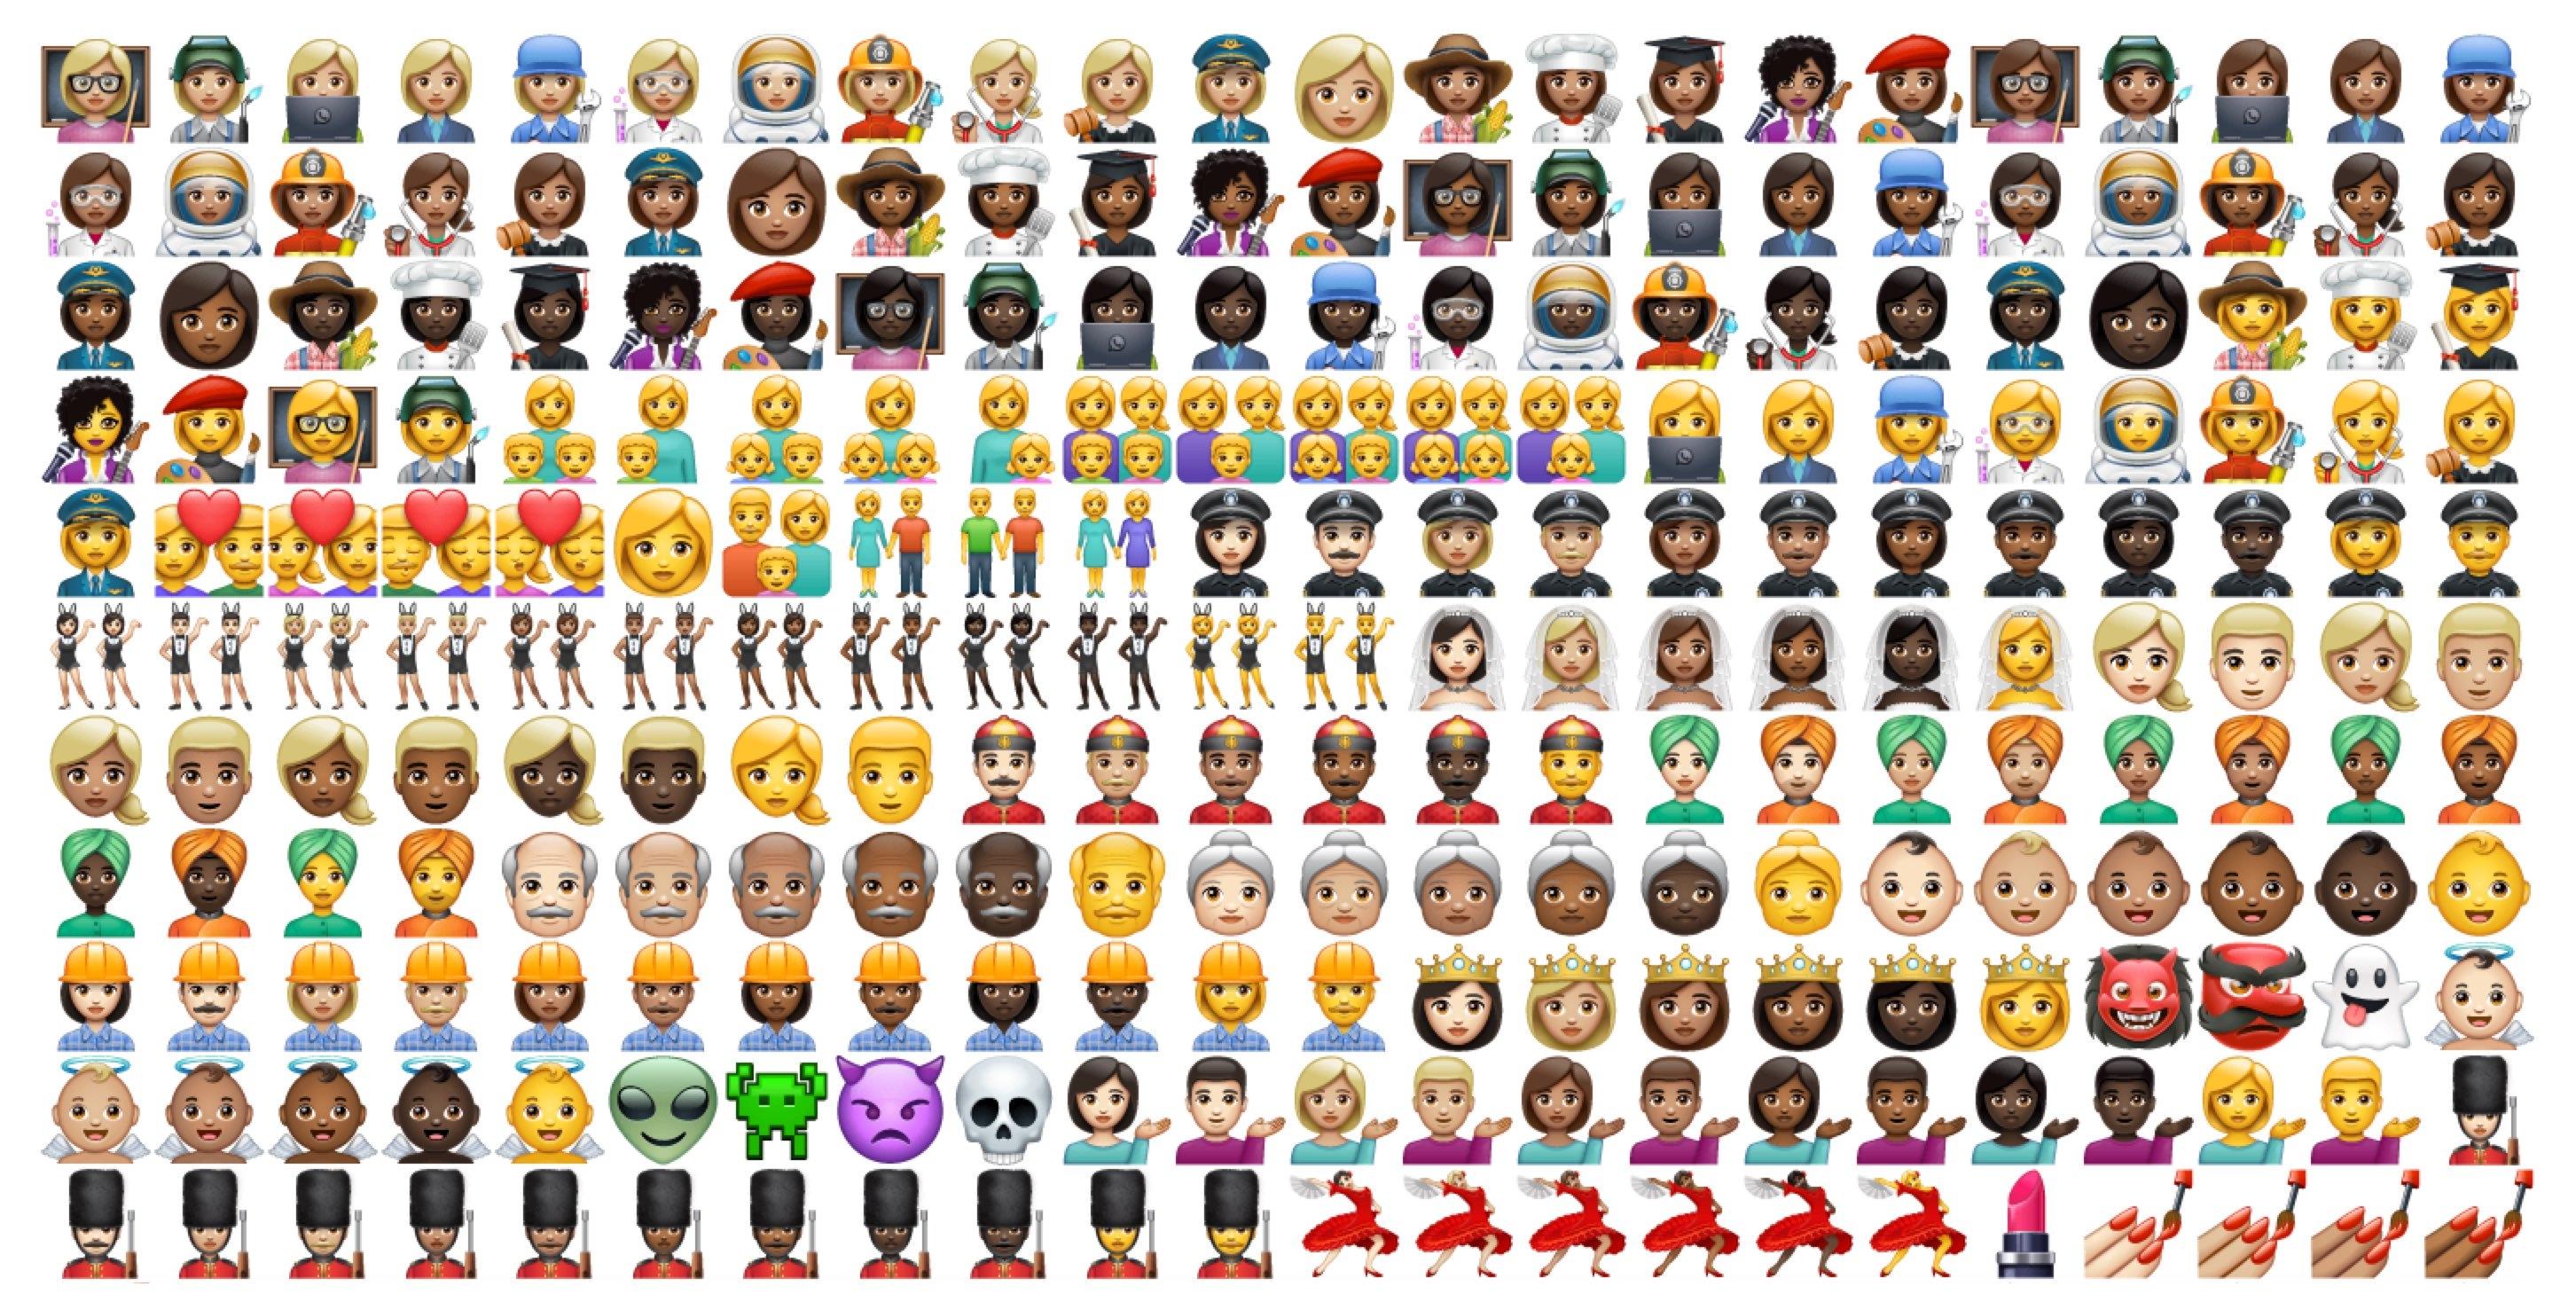 WhatsApp estrena emojis propios con cierto parecido manzanero